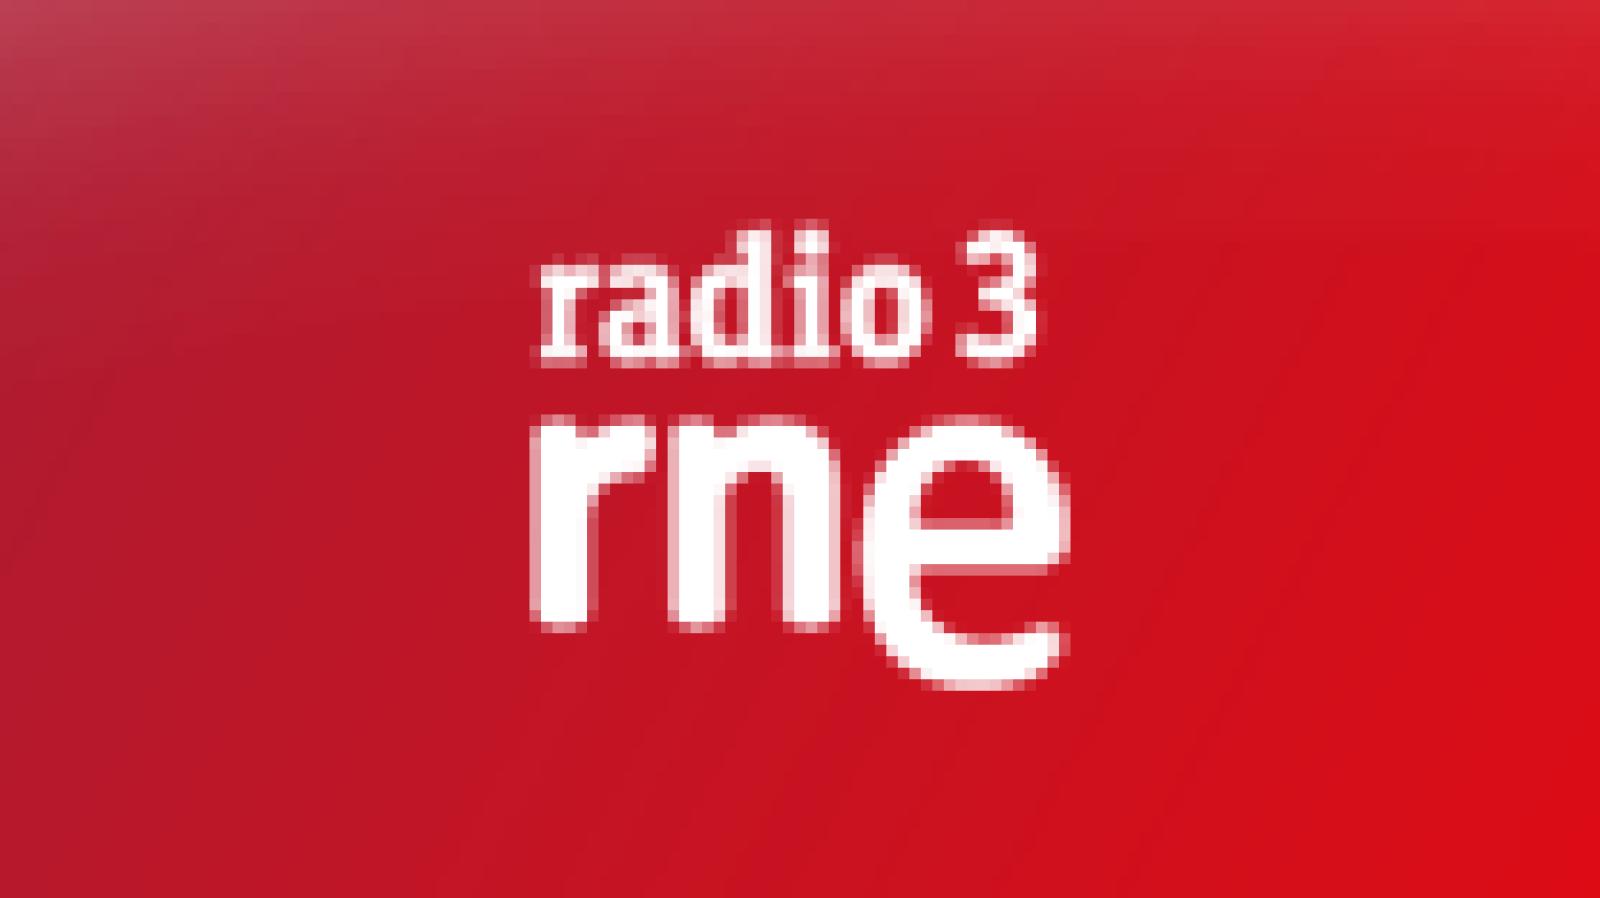 Carne cruda - La vuelta al mundo en canciones - 08/08/12 - Escuchar ahora